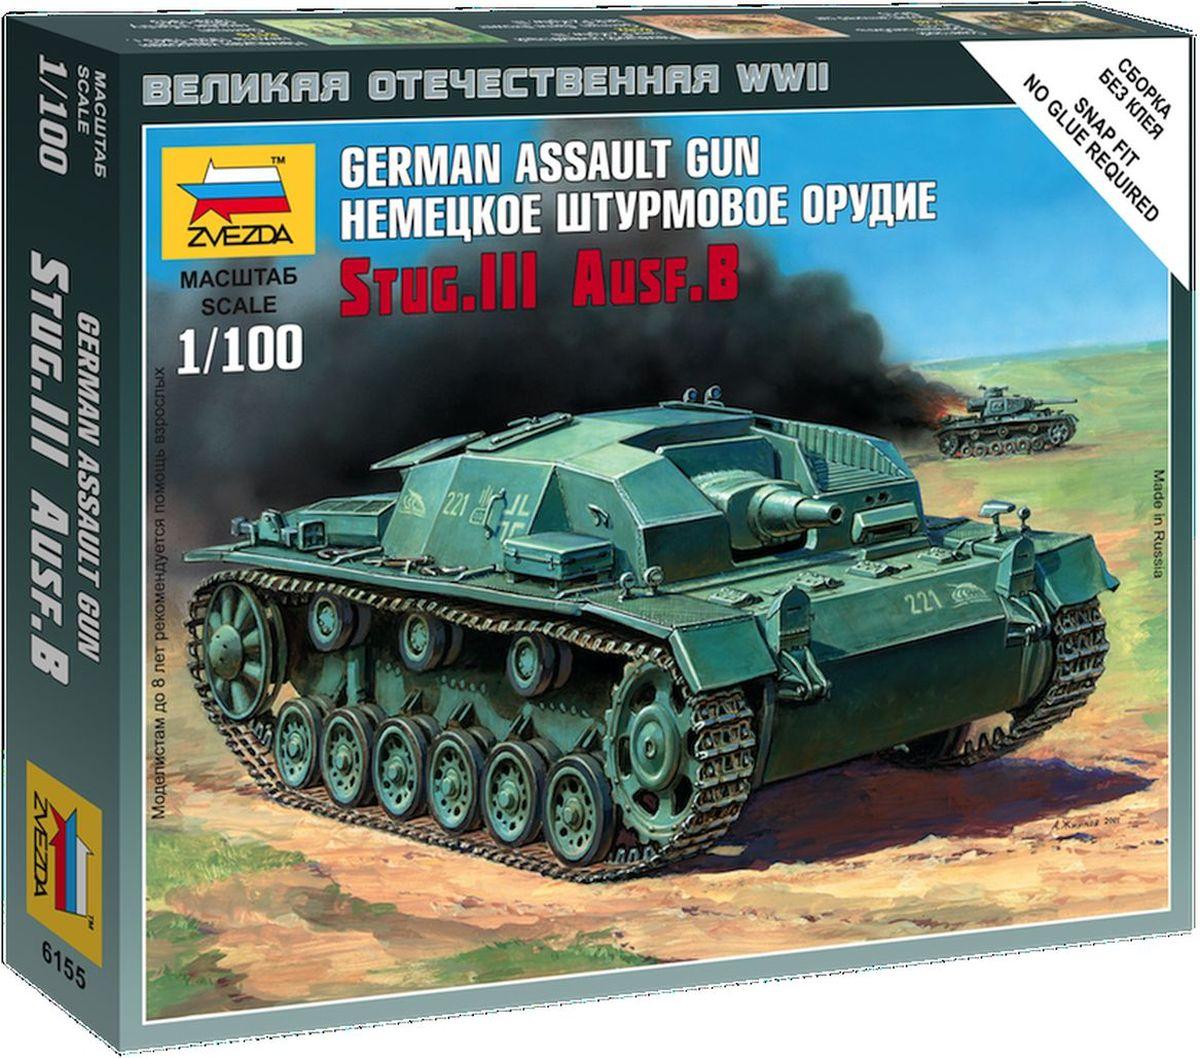 Звезда Сборная модель Немецкое штурмовое орудие Stug III Ausf B6155С помощью сборной модели Звезда Немецкое штурмовое орудие Stug III Ausf B вы и ваш ребенок сможете собрать уменьшенную копию немецкого штурмового орудия с флагом. Набор включает в себя 11 пластиковых элементов для сборки орудия с флагом, а также инструкцию на русском языке. Сборка без клея! Самоходные орудия в Вермахте стали строиться по инициативе Эриха Фон Манштейна. Они относились не к танковым войскам, а к артиллерии. Stug строился на базе танка Т-3, однако имел лобовую броню 50 мм и 75-мм орудие. Их передавали пехотным дивизиям и штурмовым группам. Именно они прорывали линию Сталина. К концу войны Stug стал самым массовым представителем бронетехники в Вермахте. Процесс сборки развивает интеллектуальные и инструментальные способности, воображение и конструктивное мышление, а также прививает практические навыки работы со схемами и чертежами. Набор не раскрашен. Краски продаются отдельно.